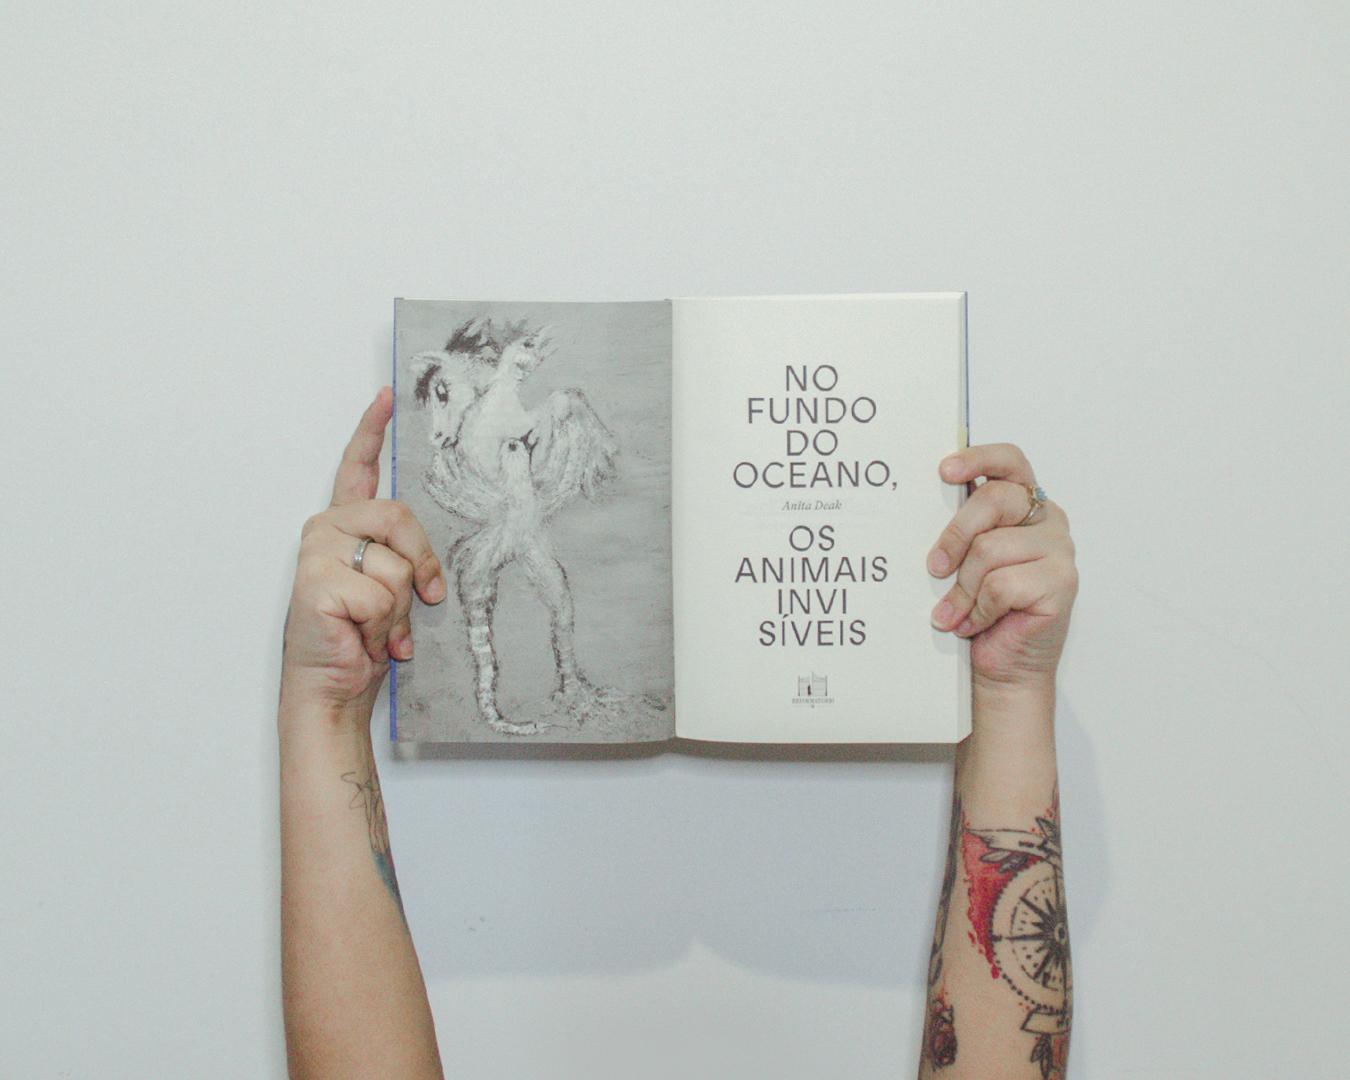 Segurando o livro nas mãos